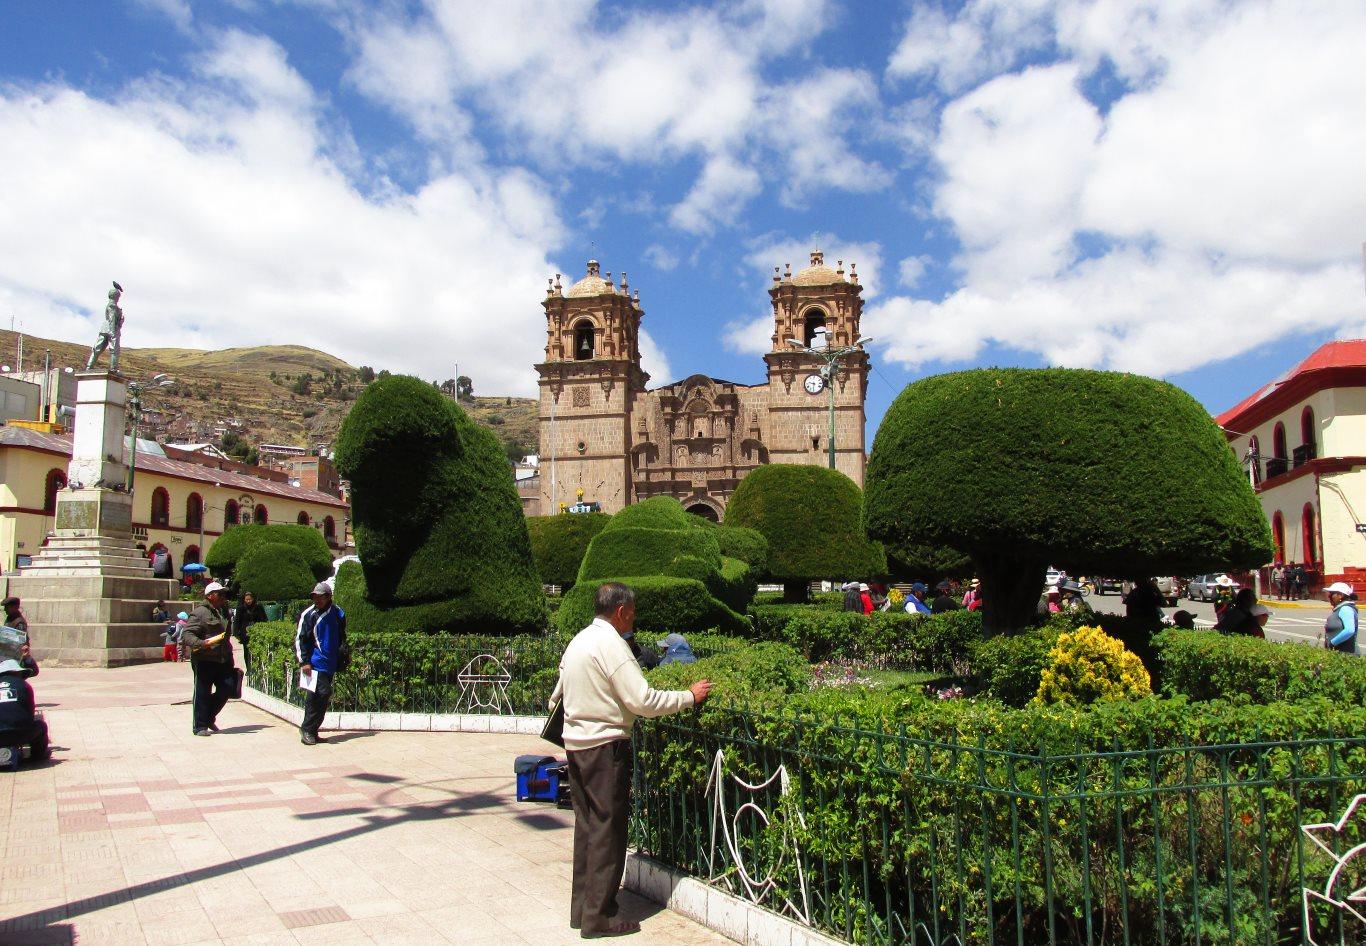 Puno Travel Guide: Plaza de Armas